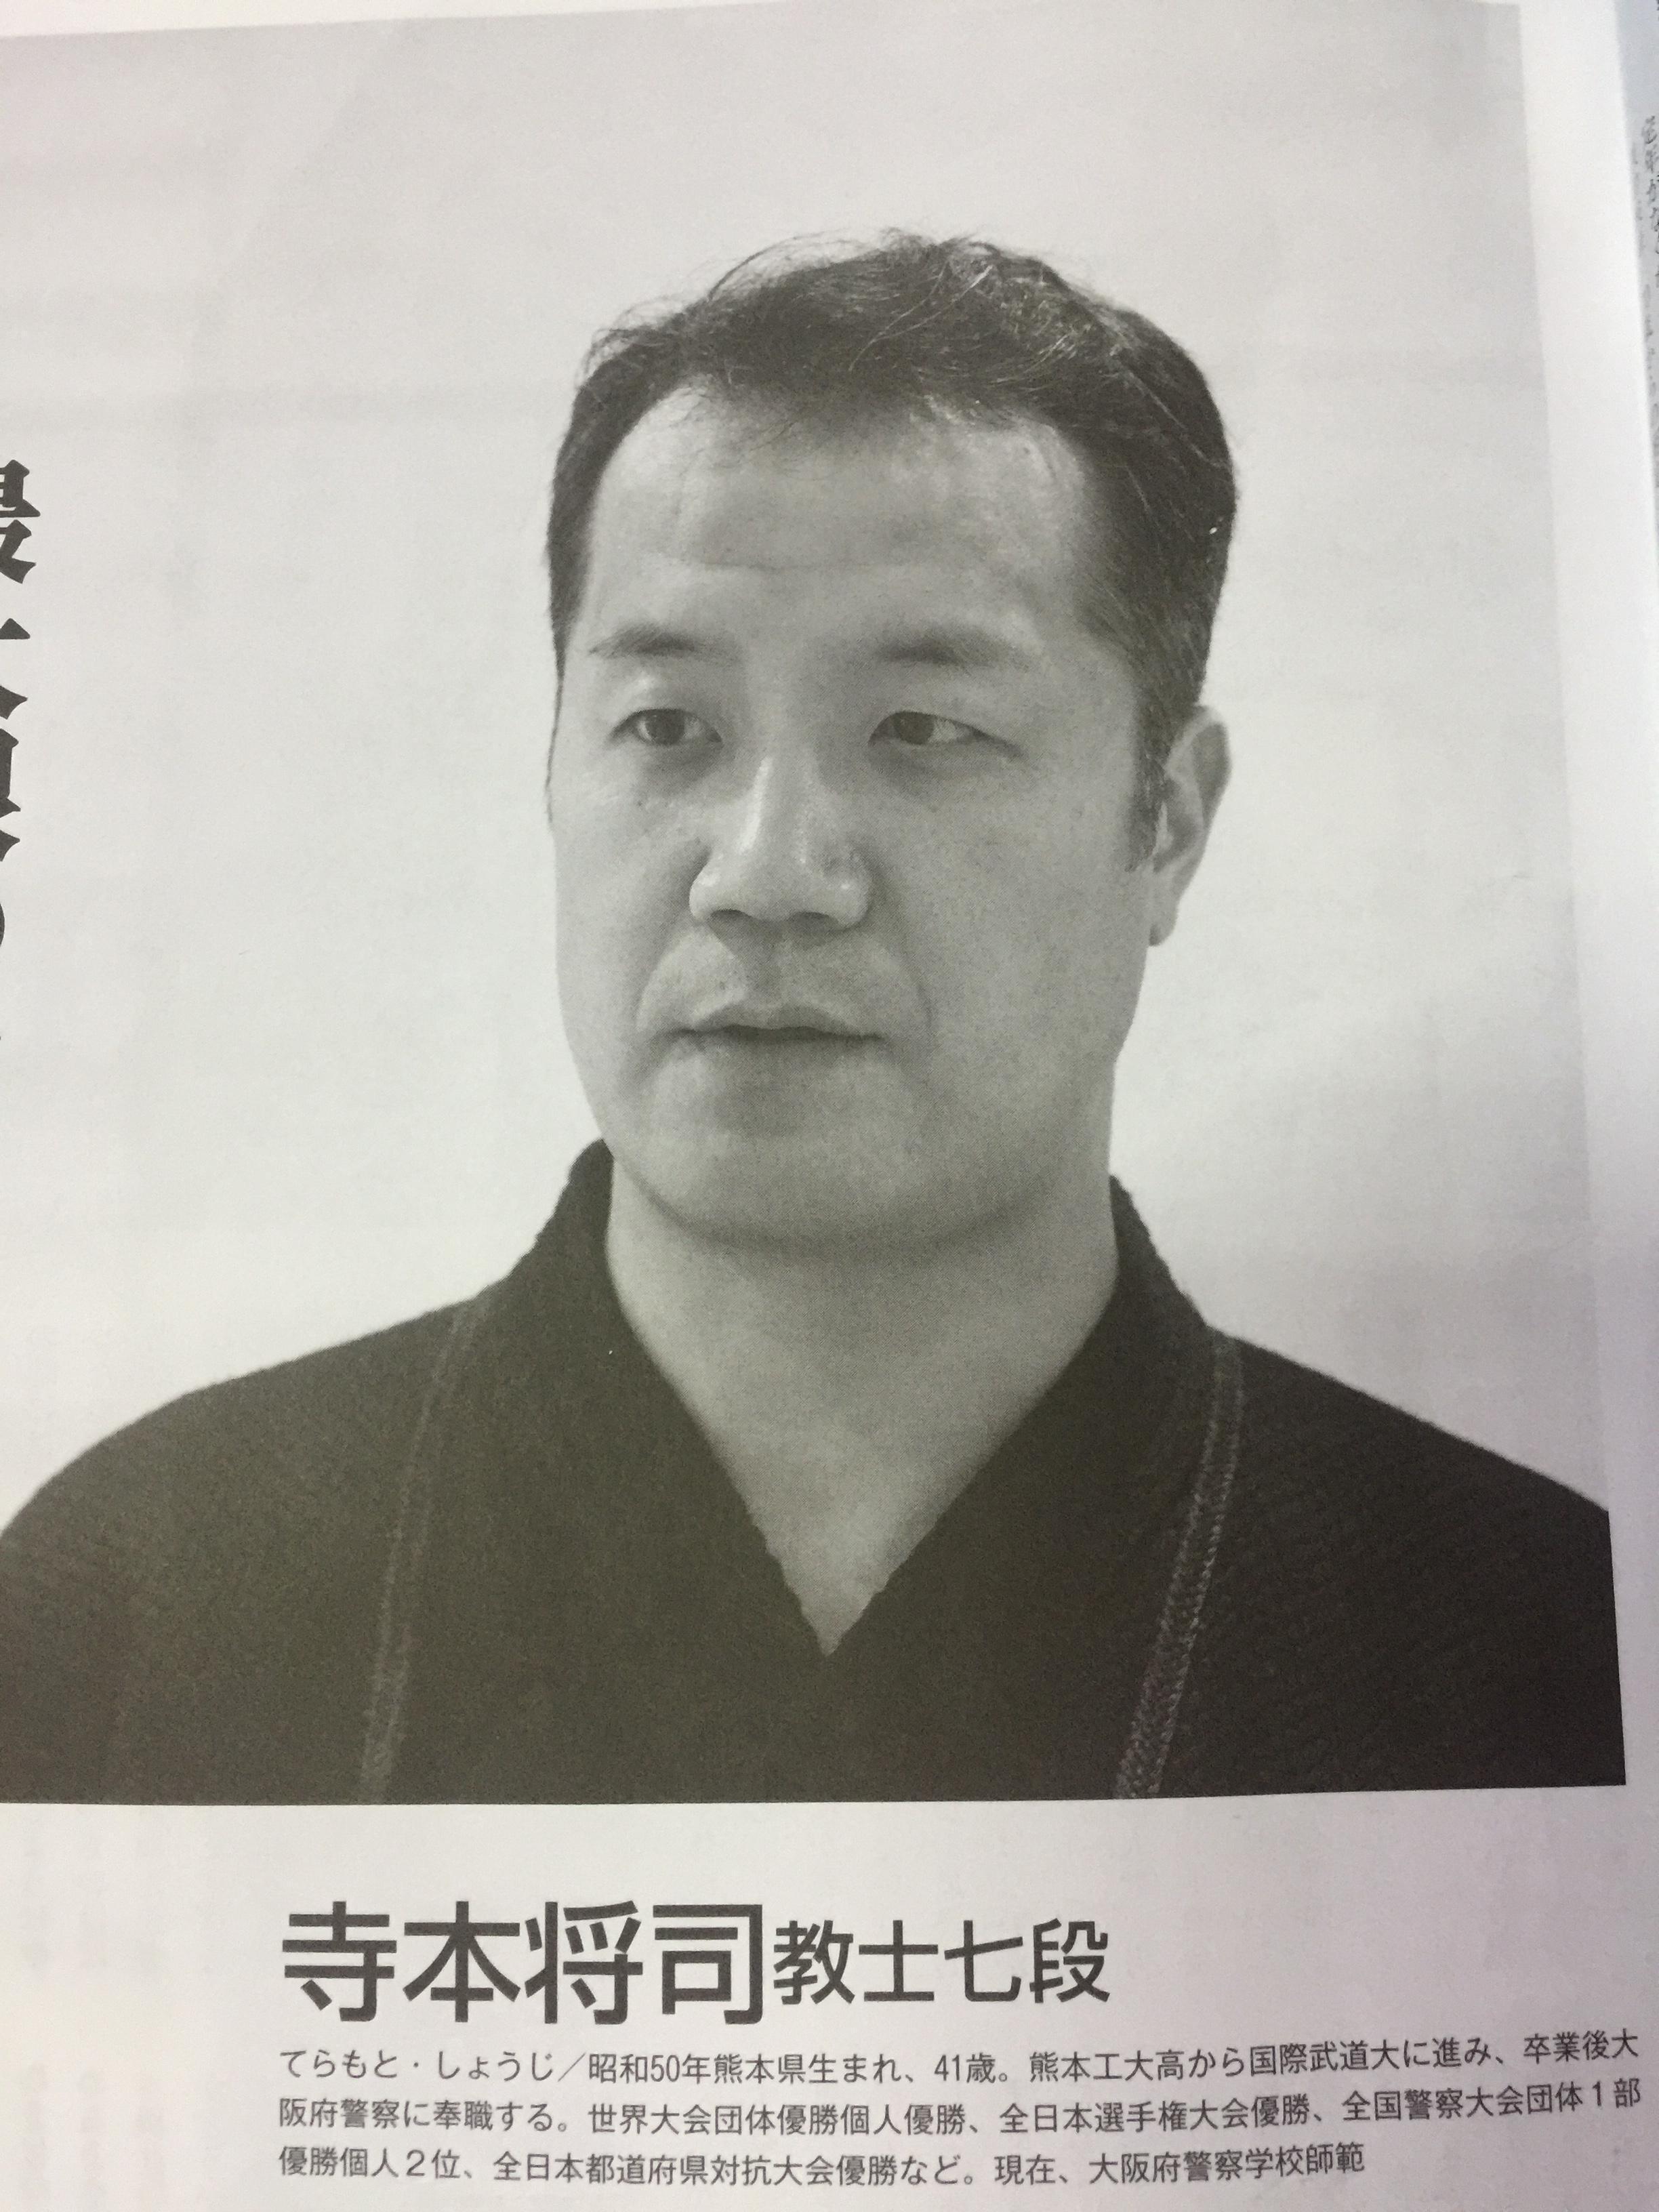 大阪 府 警察 学校